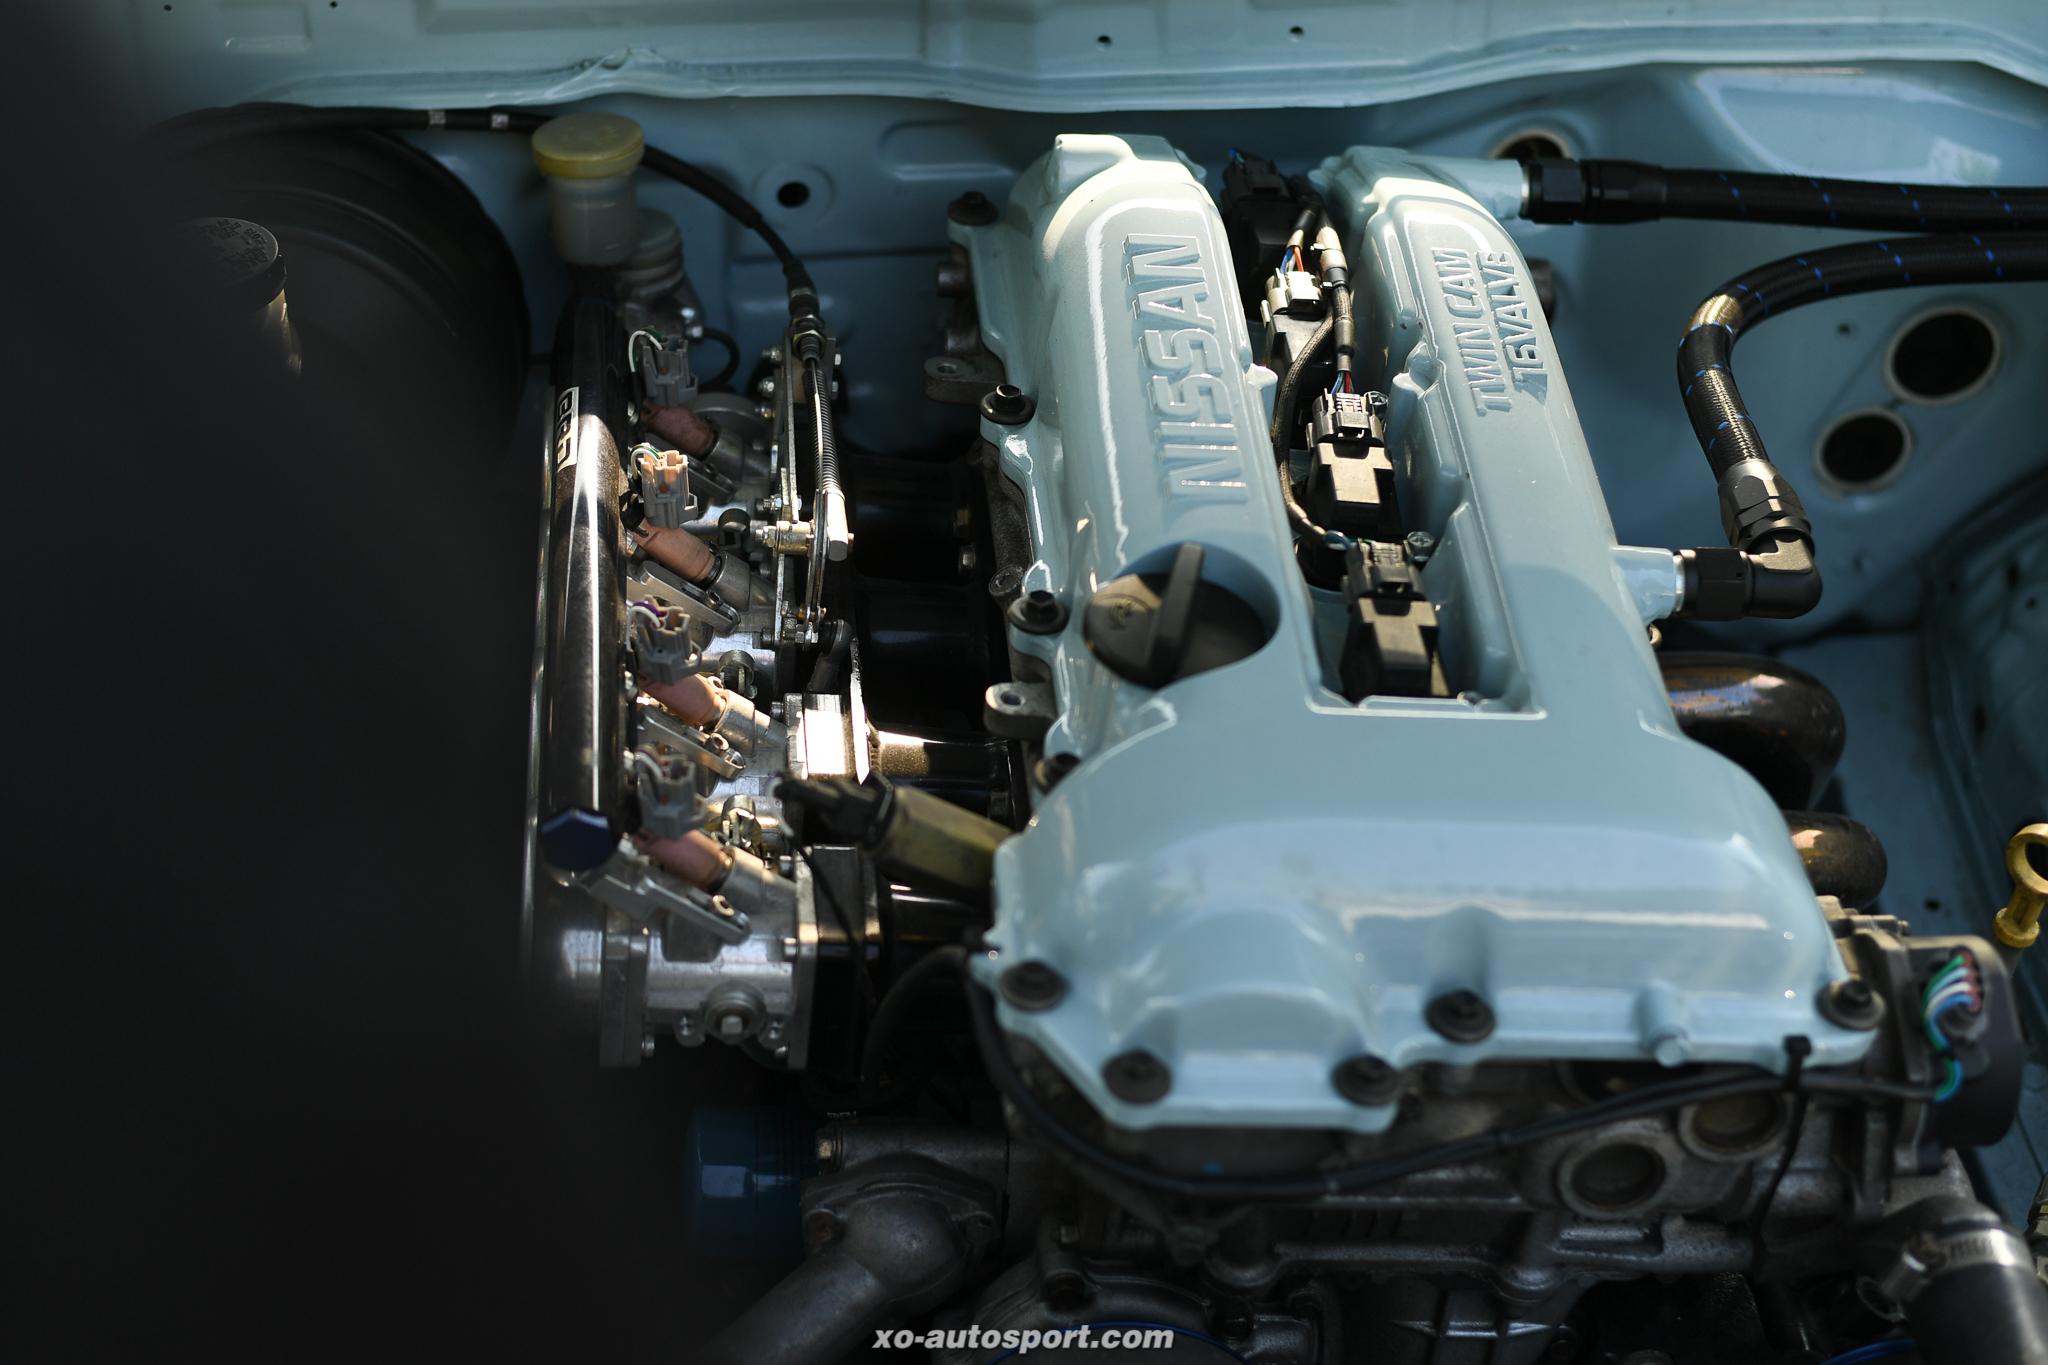 S14 Adrenaline 8